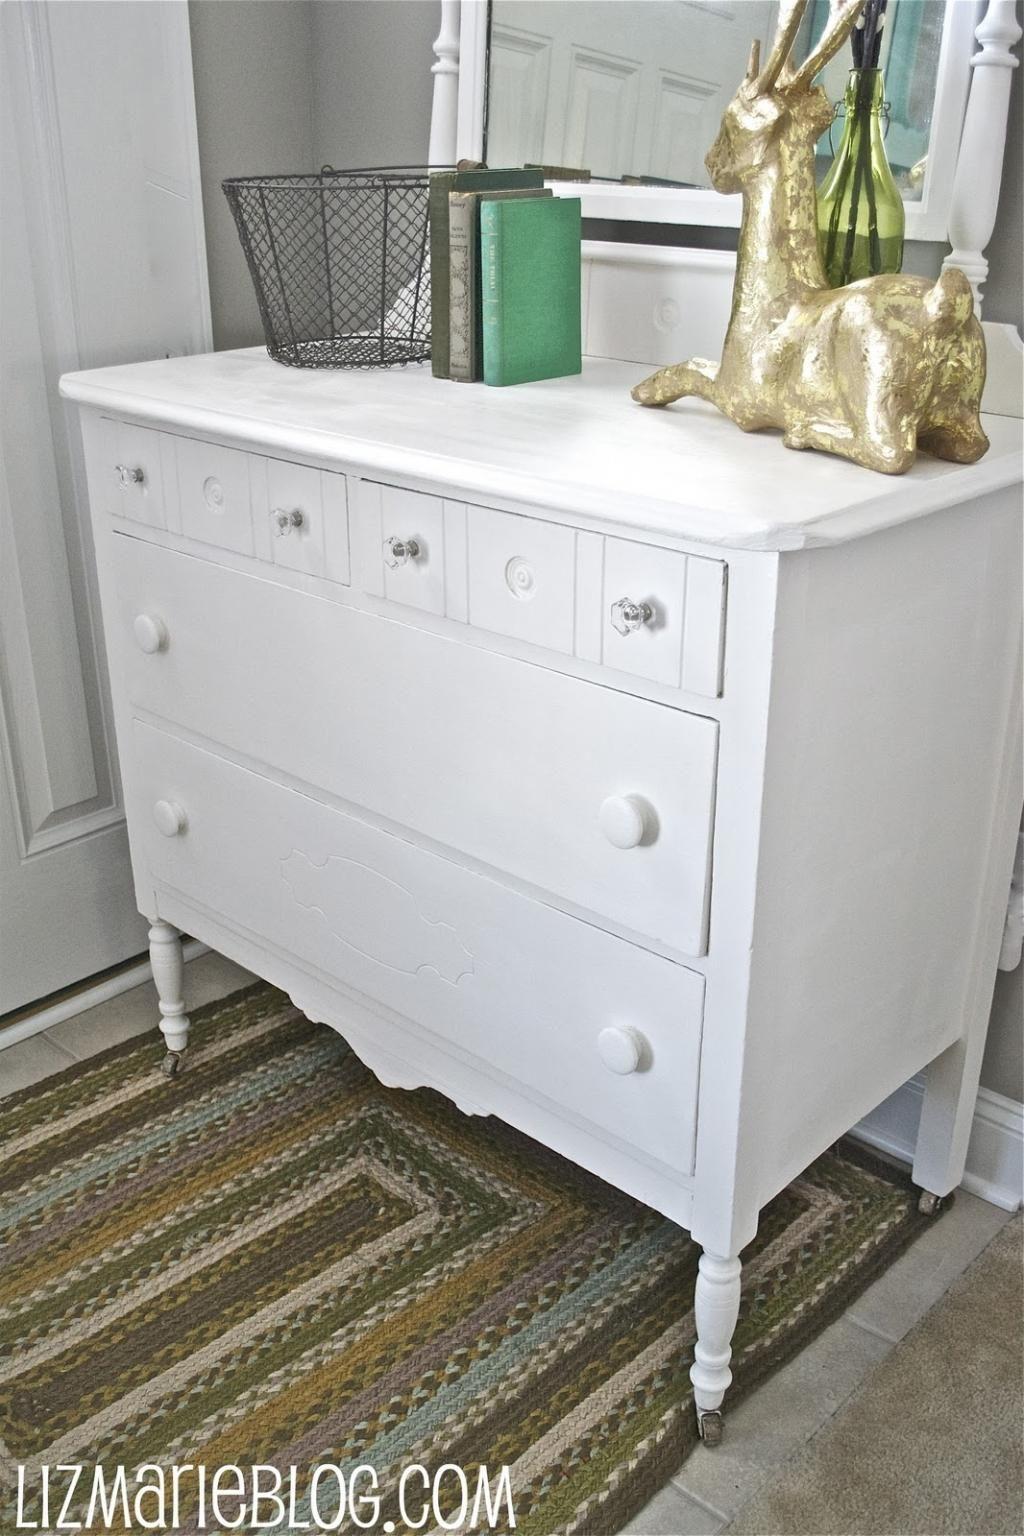 les avantage de la peinture a la craie le poncage d un meuble n est pas necessaire avant l application de la peinture pas de couche d appret necessaire